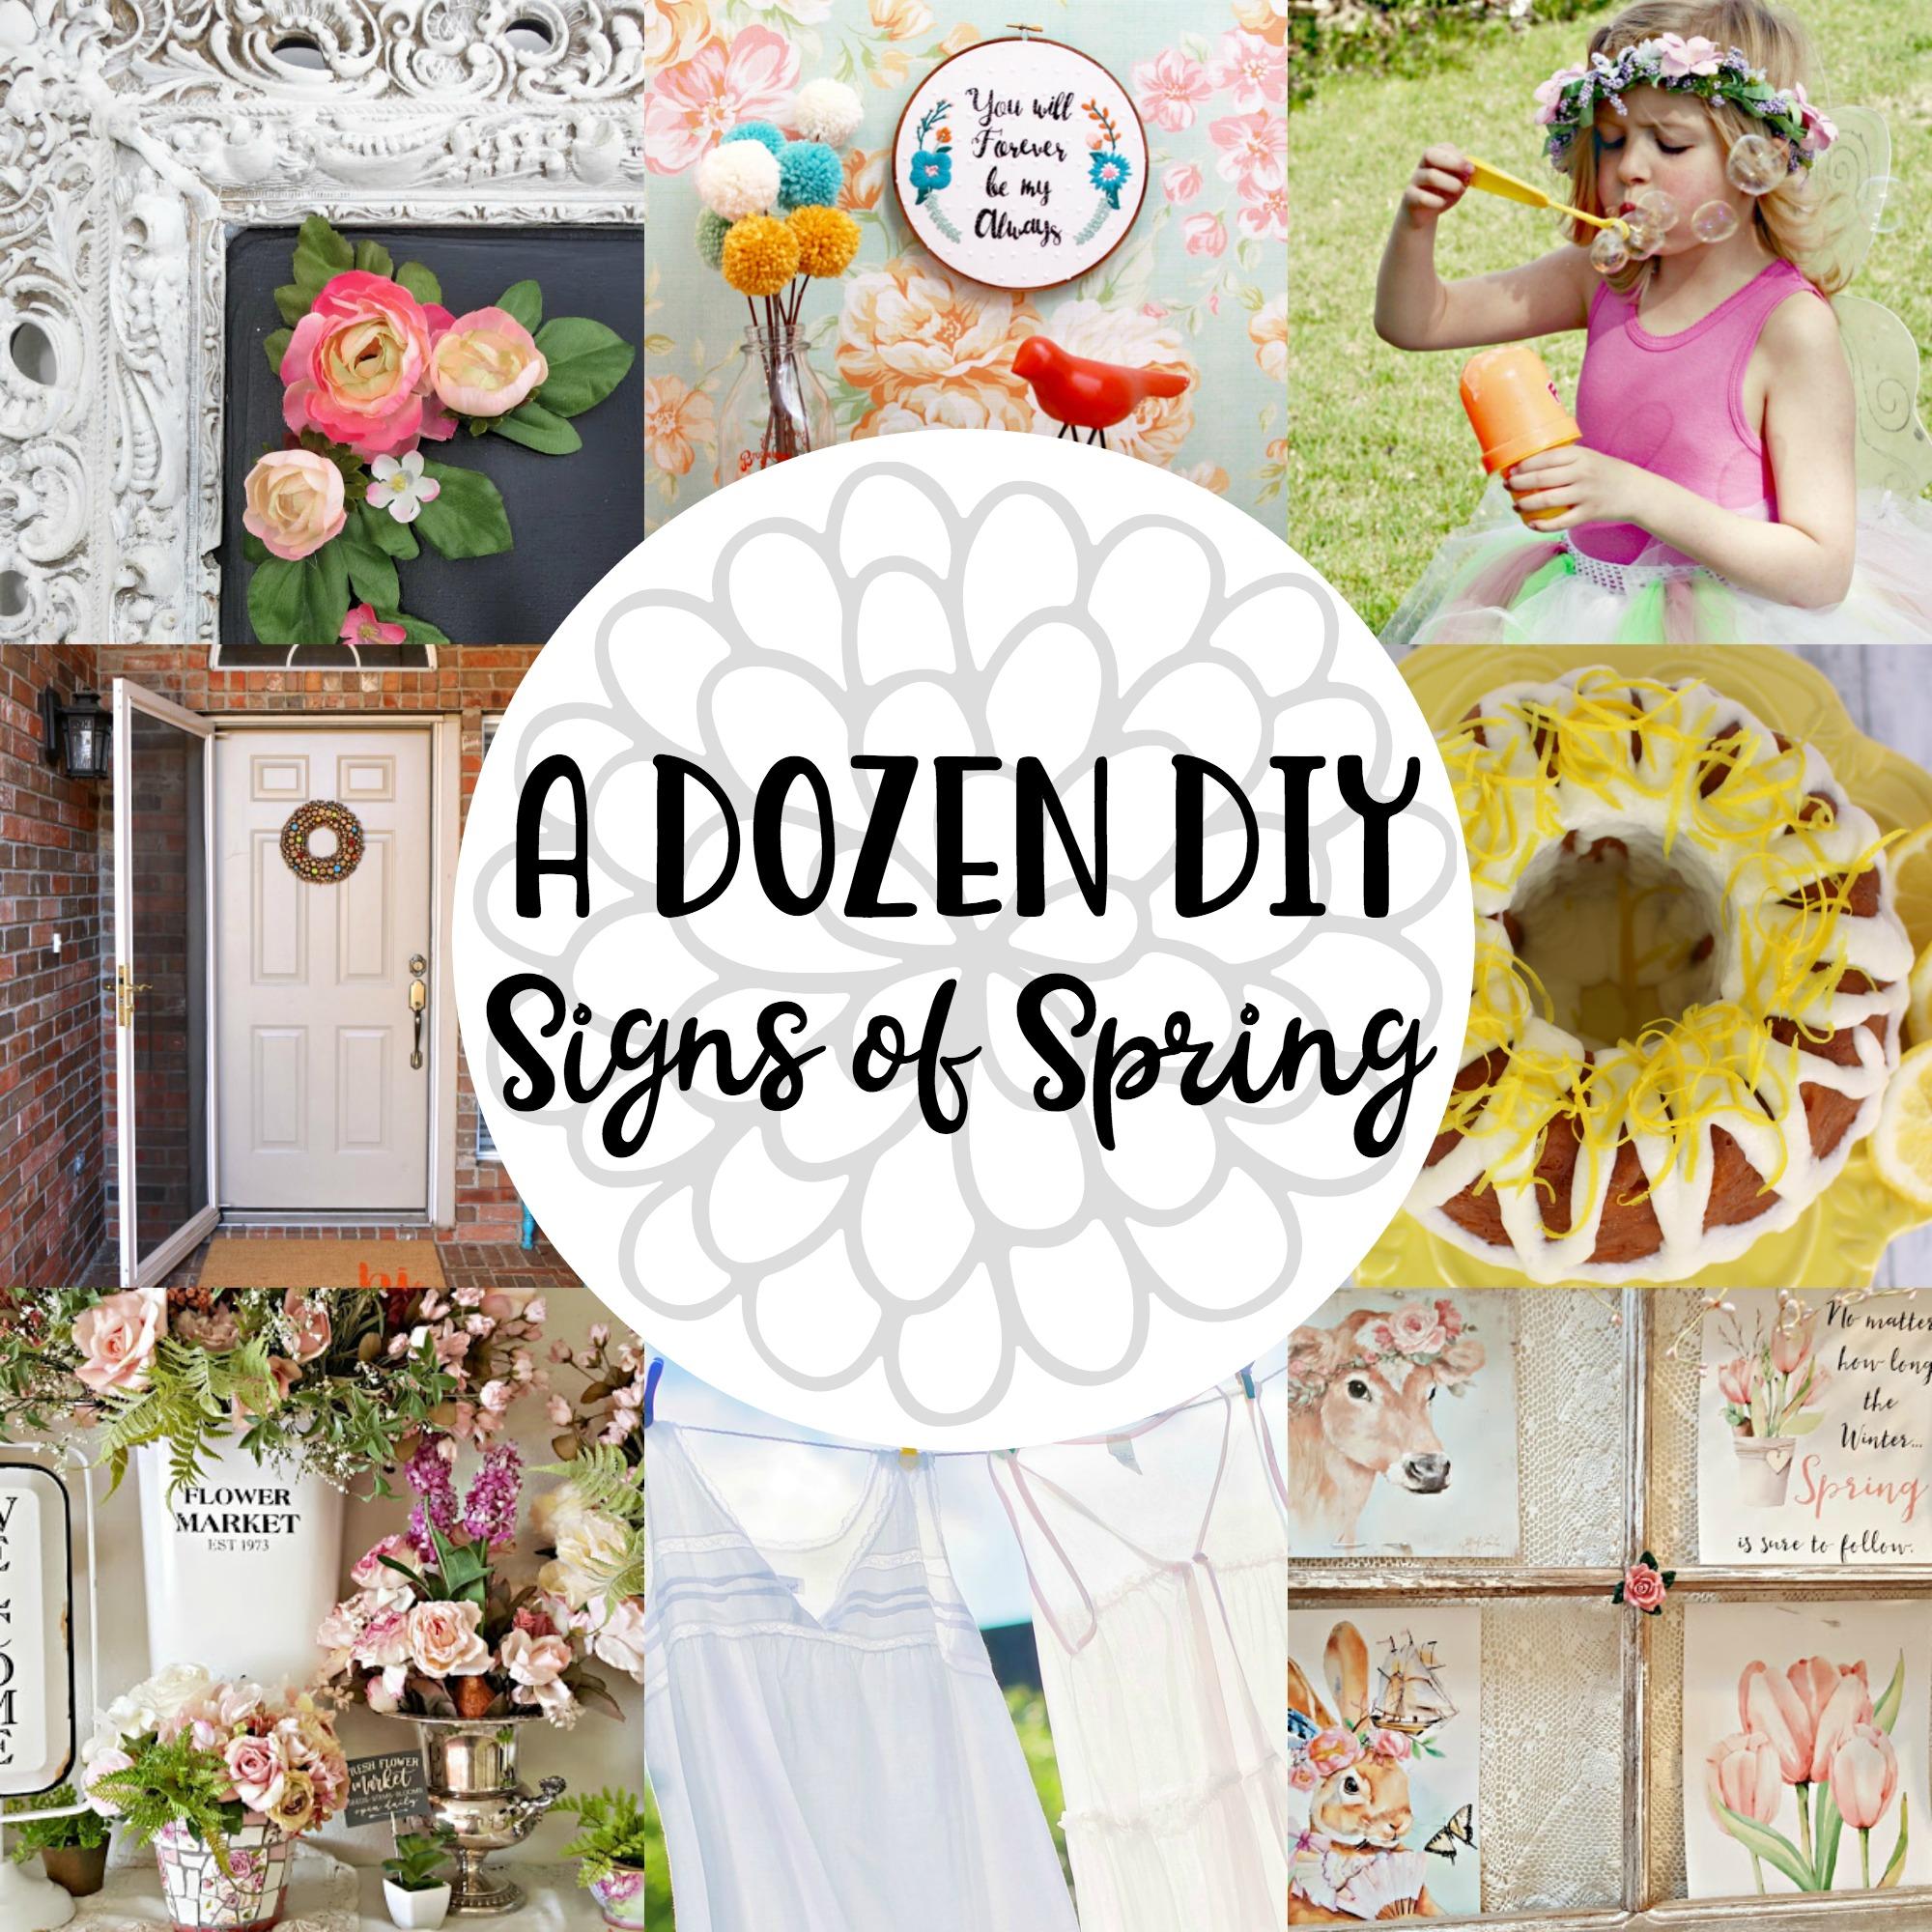 A Dozen DIY Signs of Spring